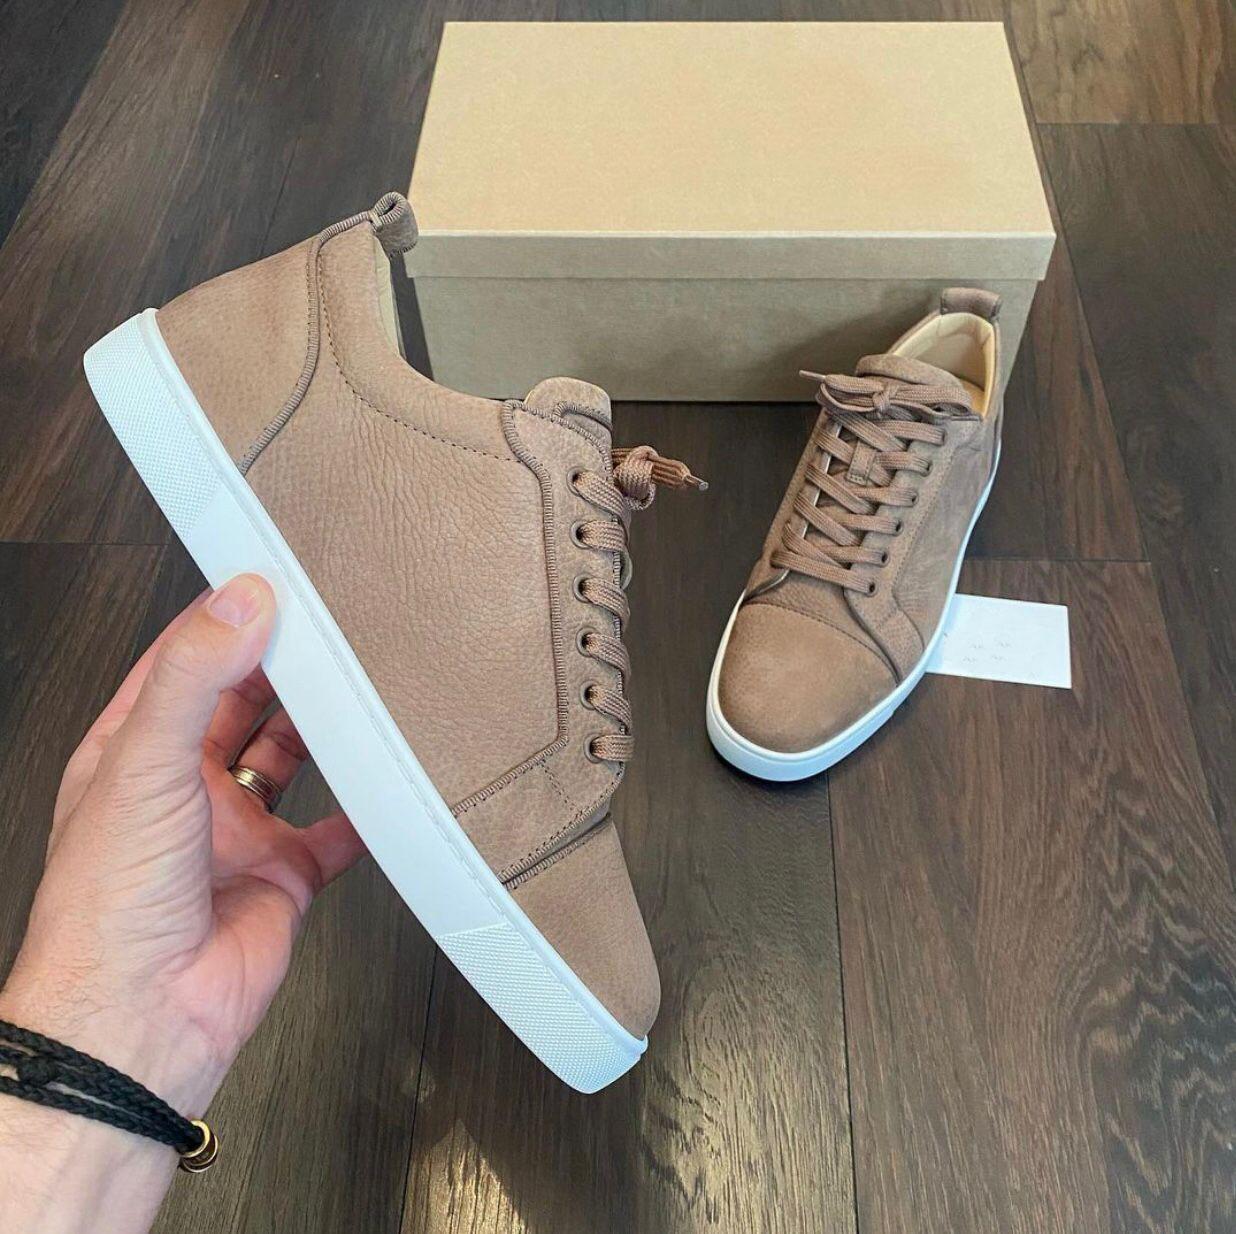 Toptan ünlü genç orlato erkek sneakers ayakkabı zarif kırmızı alt düşük üst çift rahat daireler konfor kaykay açık indirim spor kutusu ile